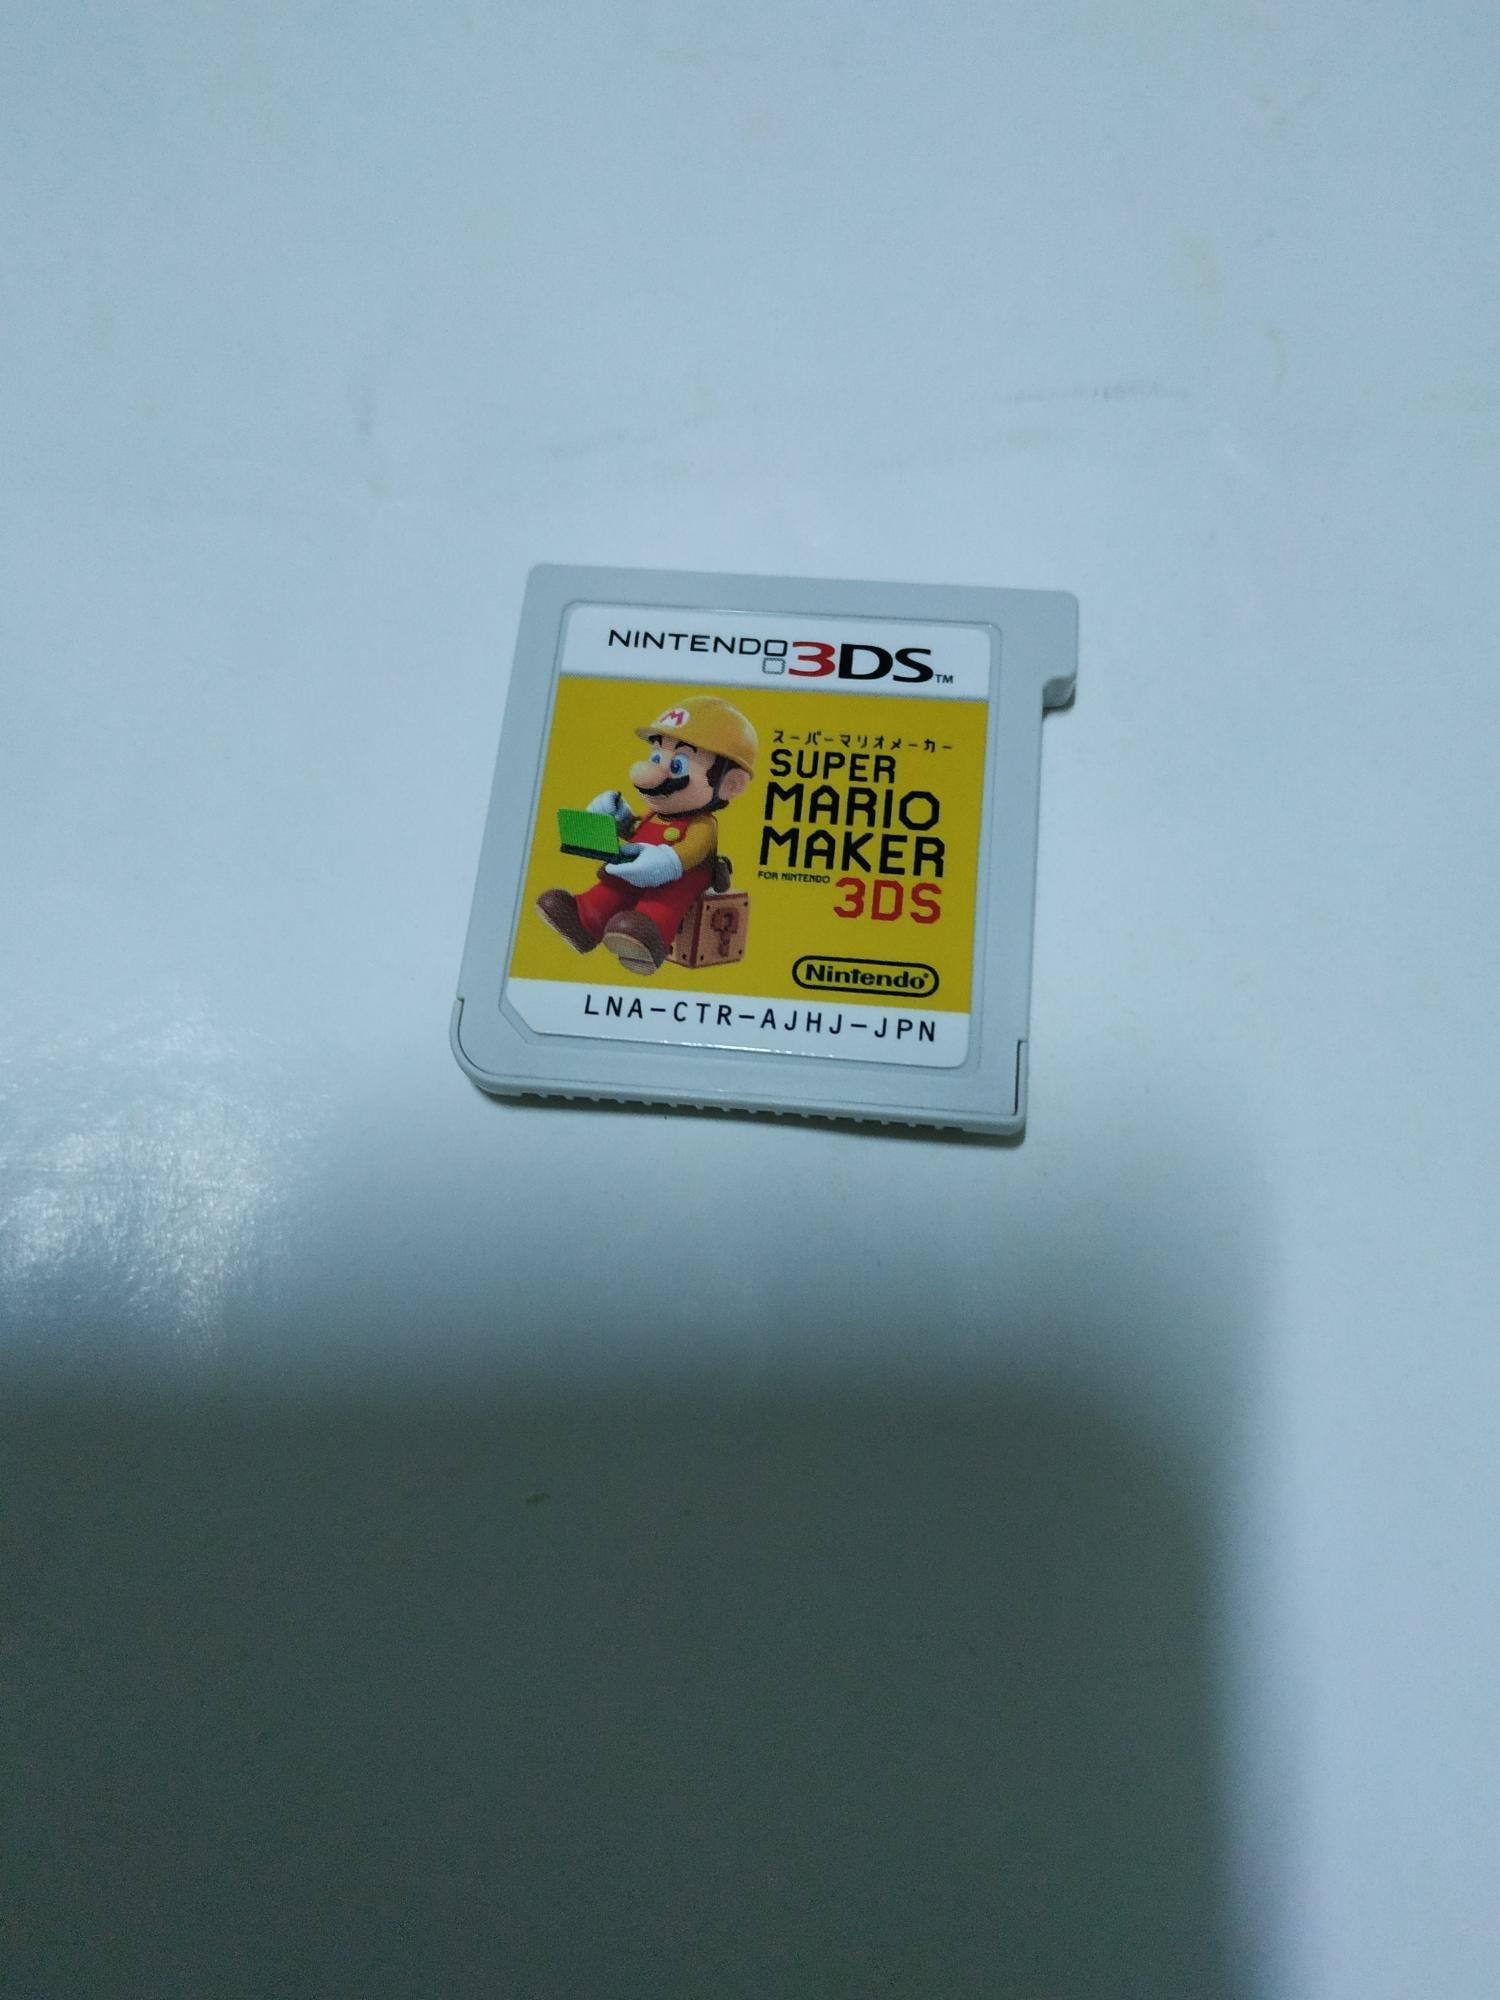 裸卡~請先詢問庫存量~ 3DS 瑪莉歐 瑪莉 瑪利歐製作大師 大師 NEW 2DS 3DS LL N3DS LL 日規主機專用